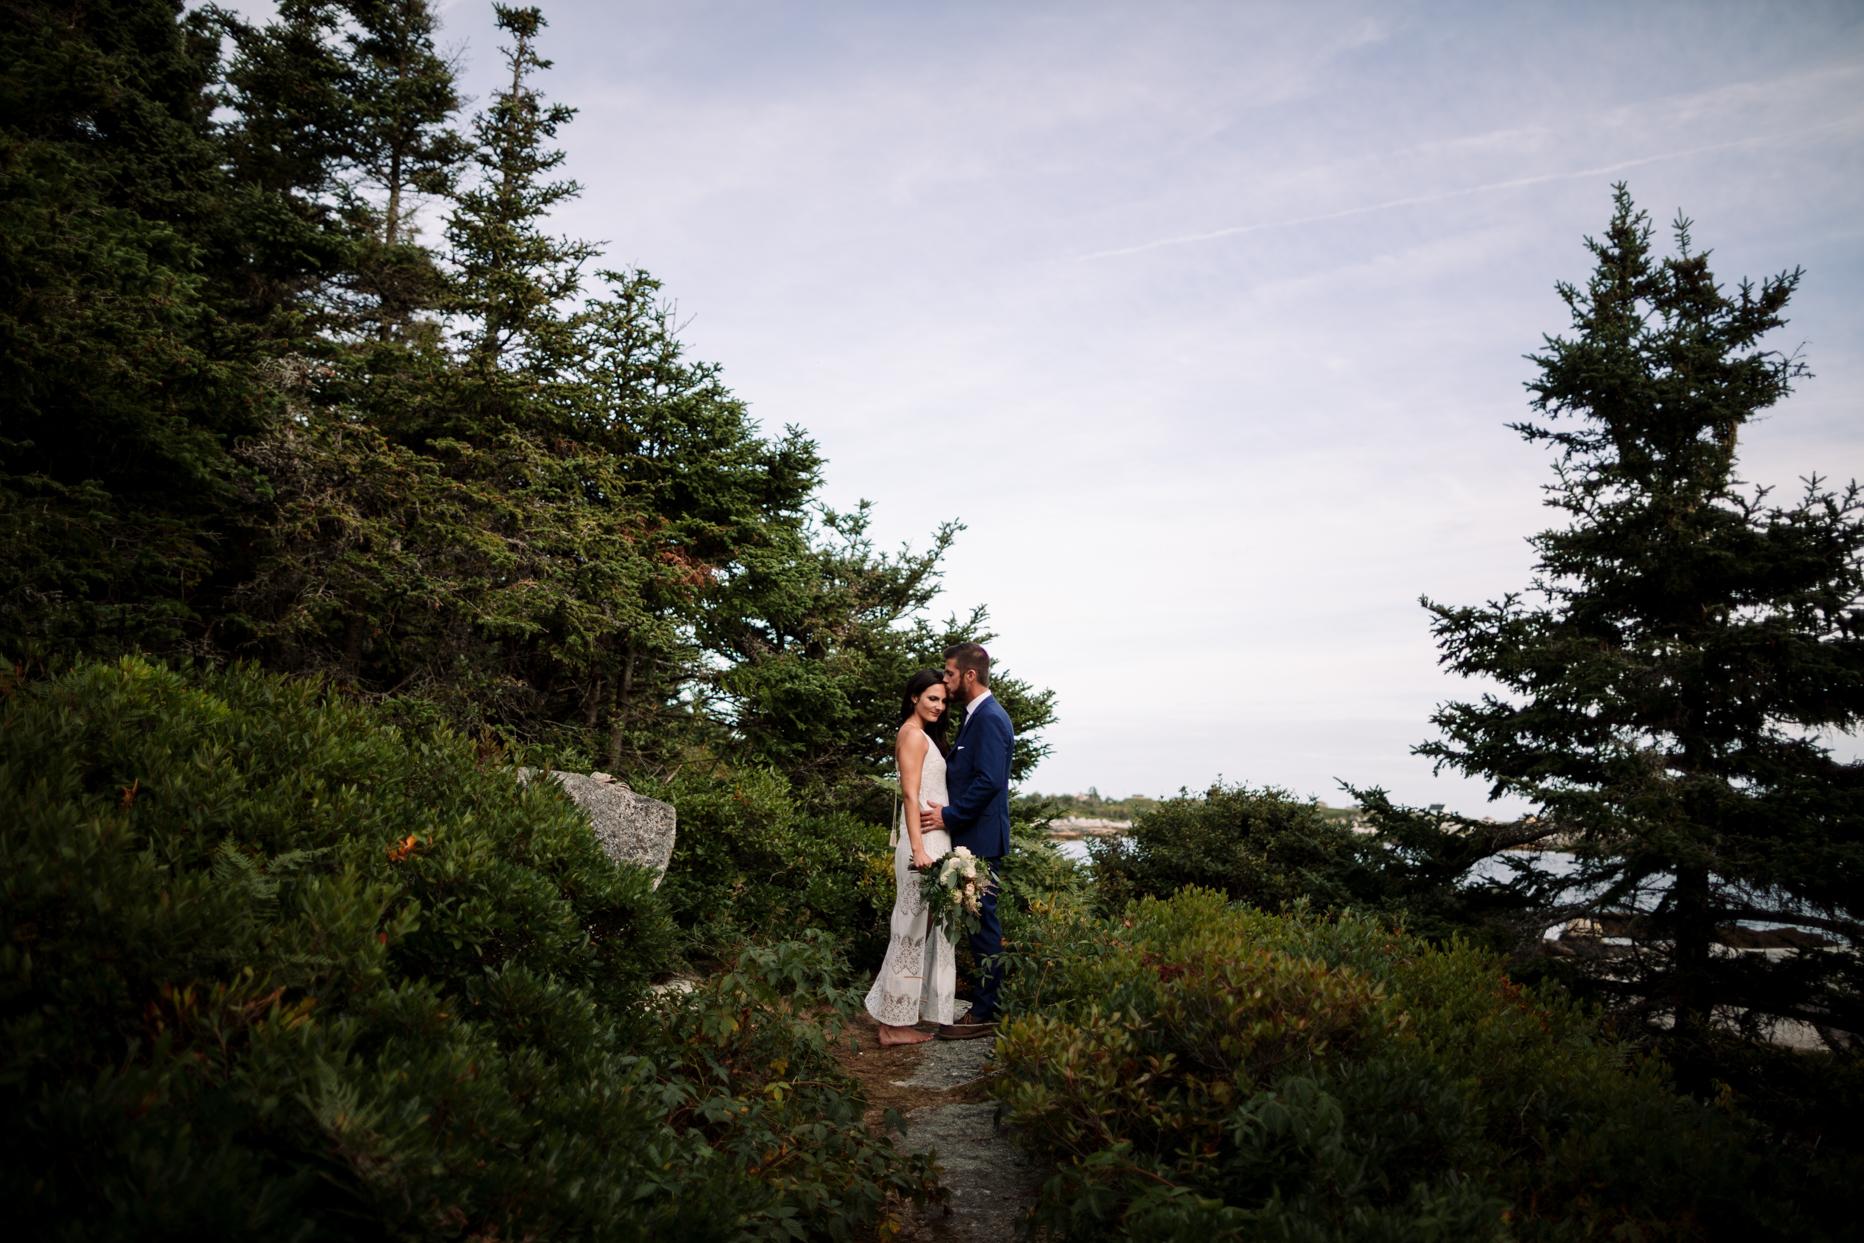 portfolio_mariage_Alexis_Lavoie-85.jpg